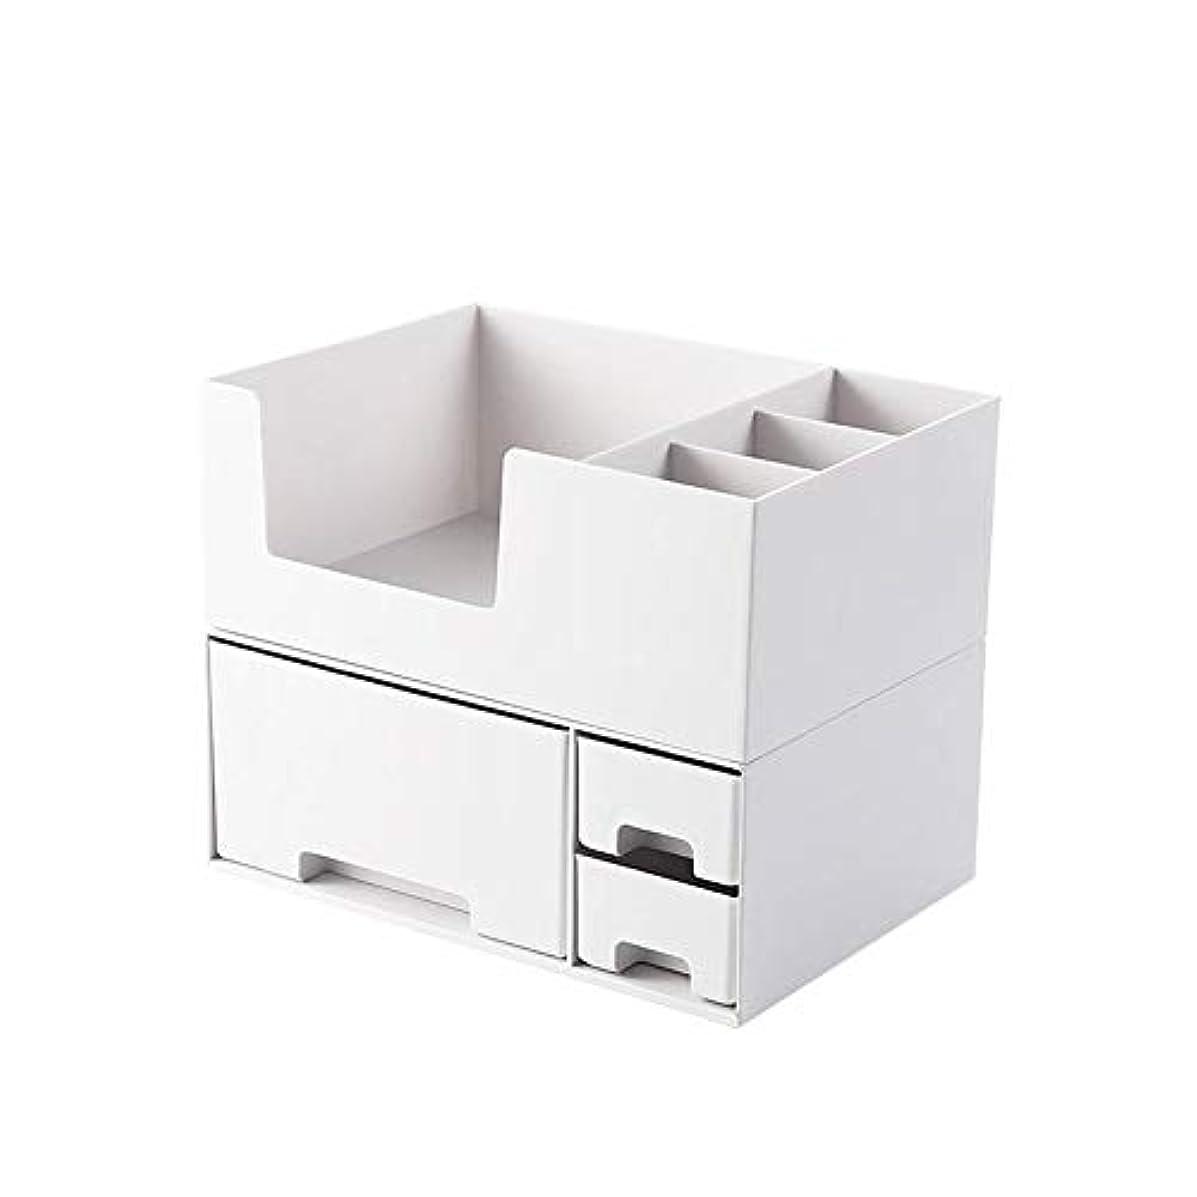 まばたき眉代数Bostar 化粧品収納ボックス メイクボックス コスメケース 引き出し 小物入れ 収納ケース 整理簡単 北欧 おしゃれ ホワイト